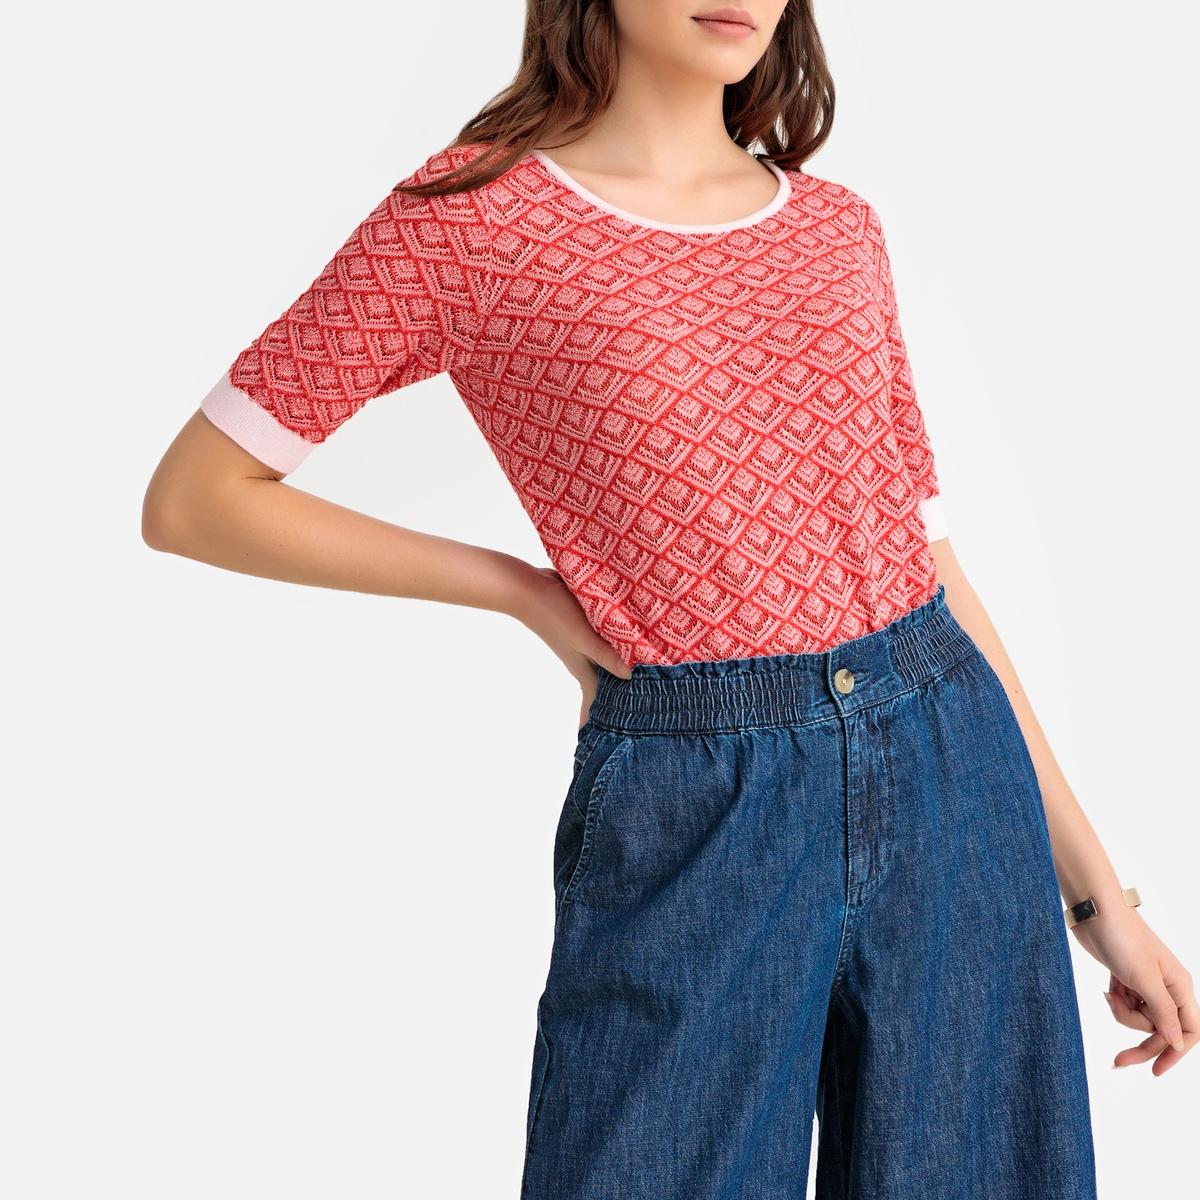 цена Пуловер La Redoute С круглым вырезом с короткими рукавами из тонкого трикотажа M розовый онлайн в 2017 году